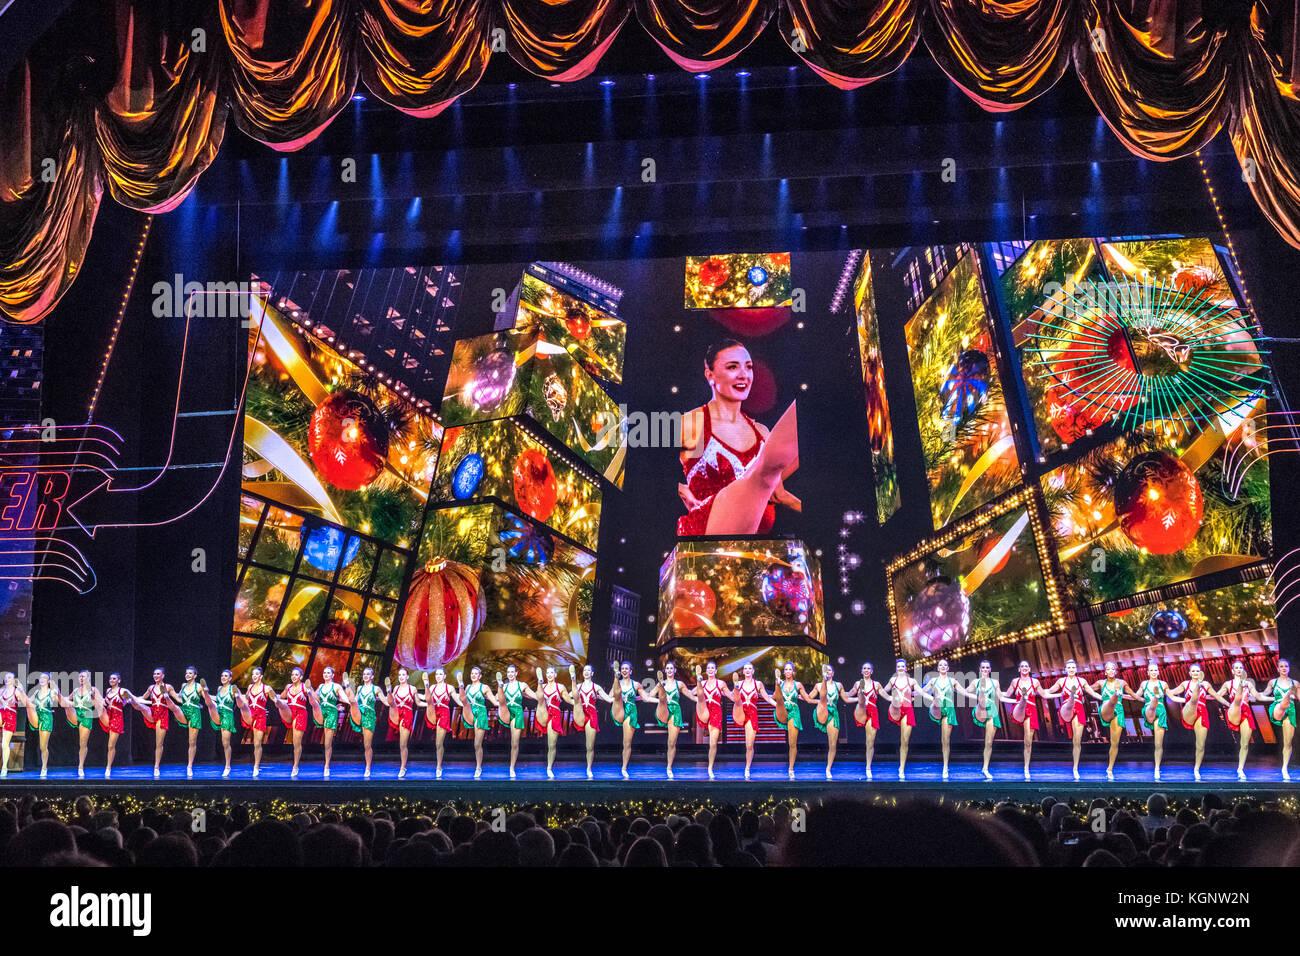 New York, USA, 10. November 2017. Die Radio City Rockettes. Während ...